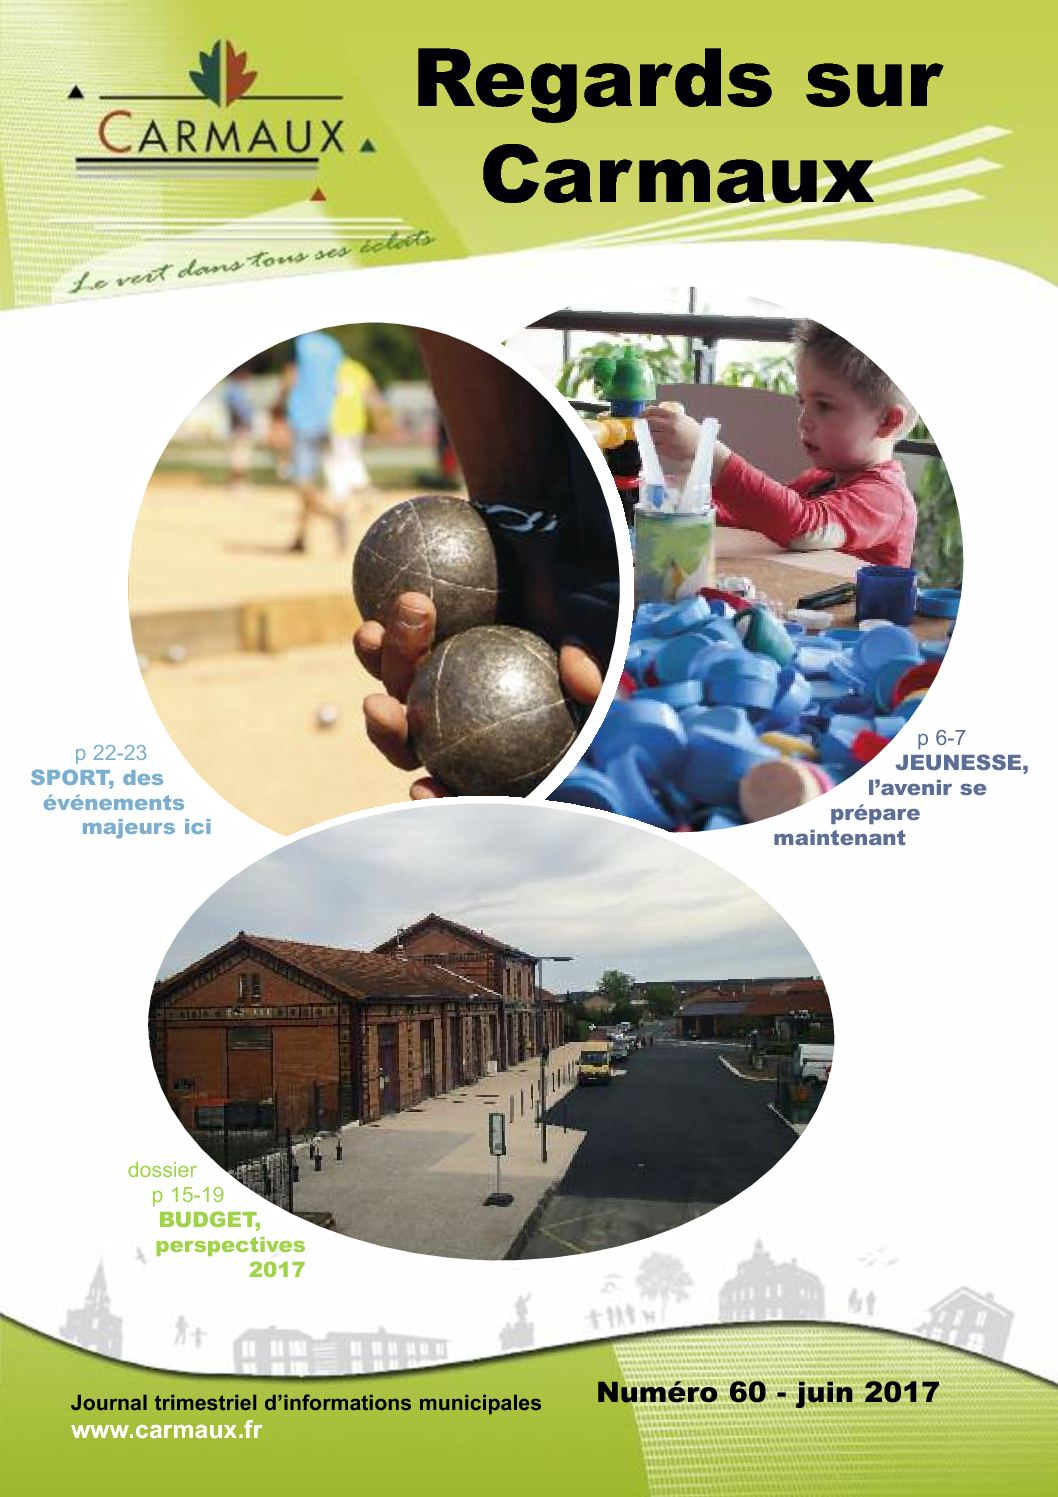 2017 magazine municipal Regards sur Carmaux 60